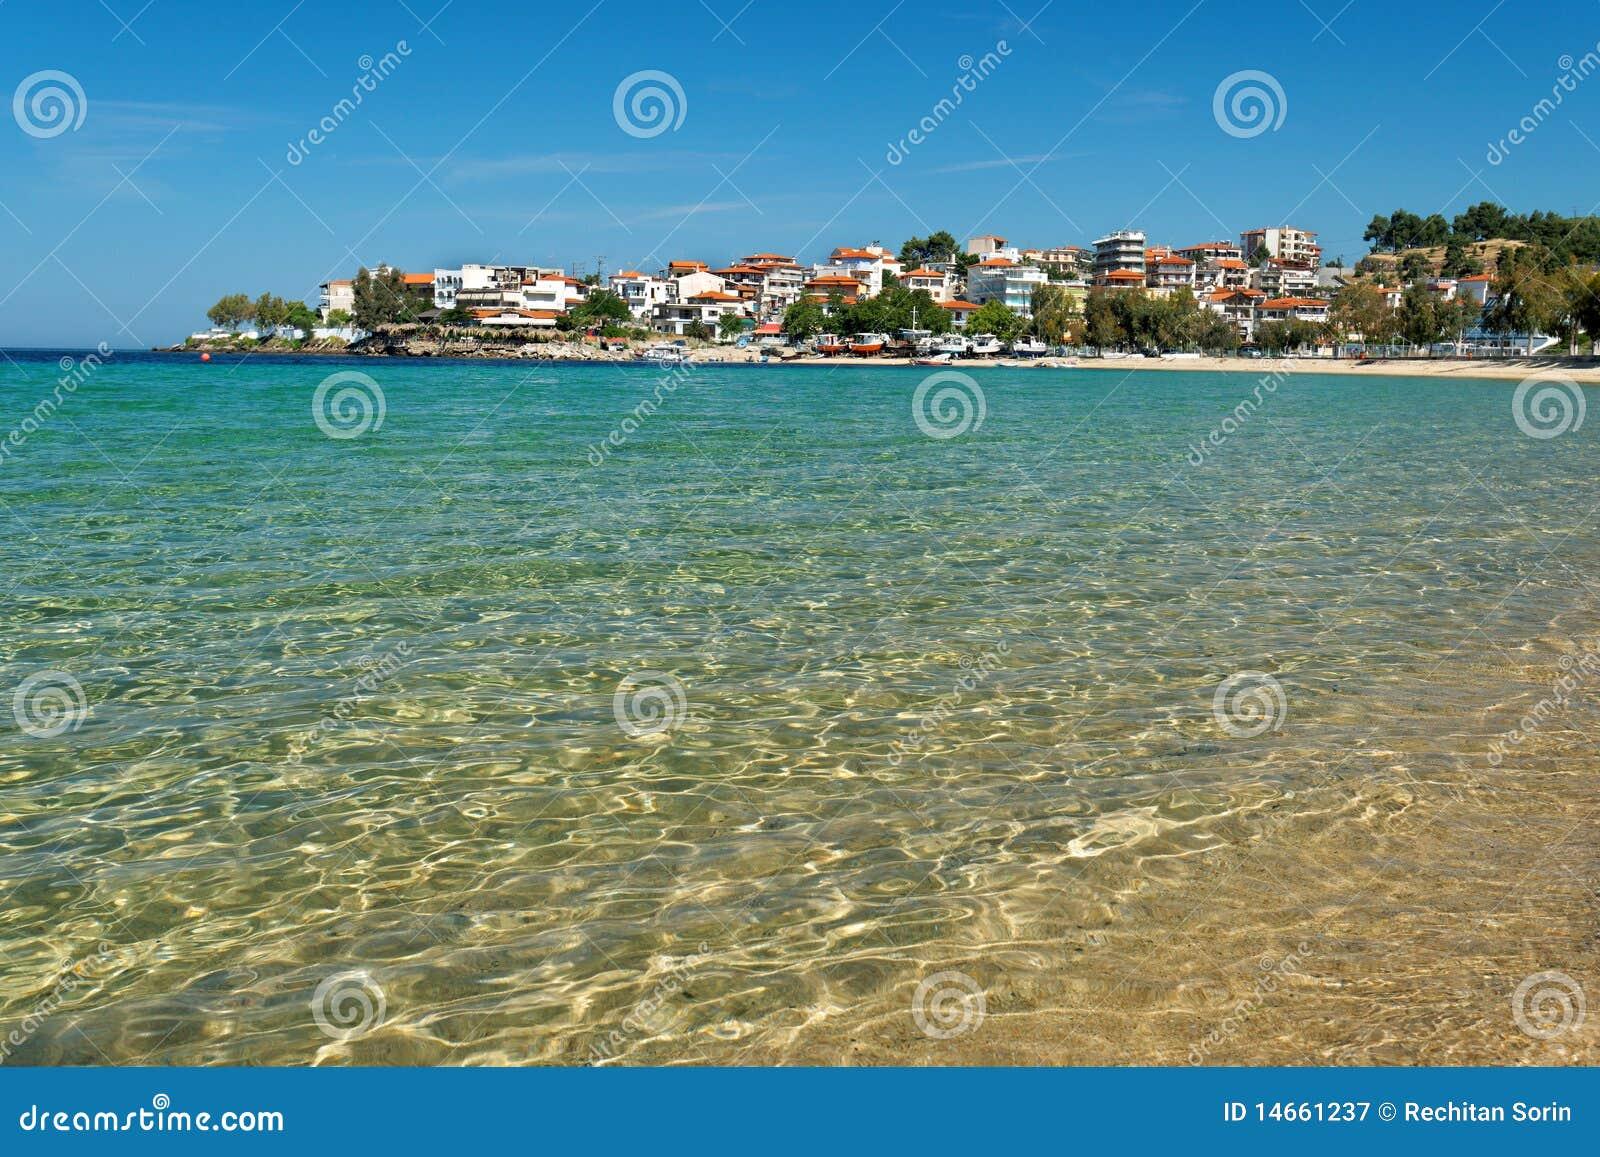 Aegean beach